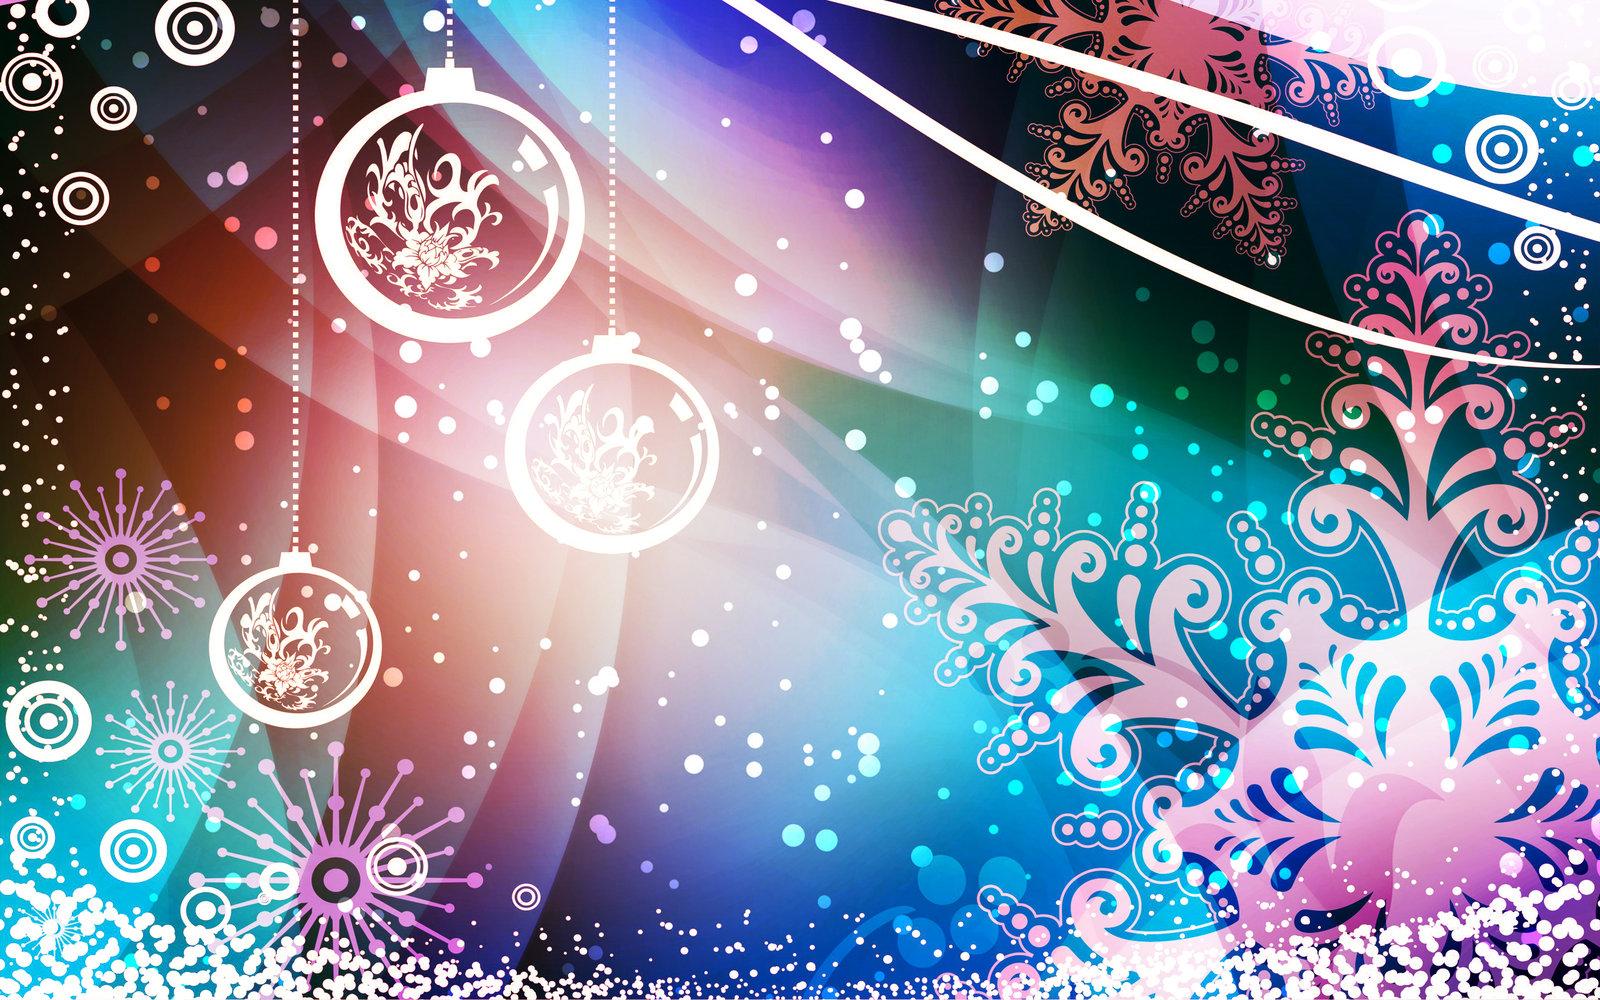 Merry Christmas Wallpaper Widescreen HD